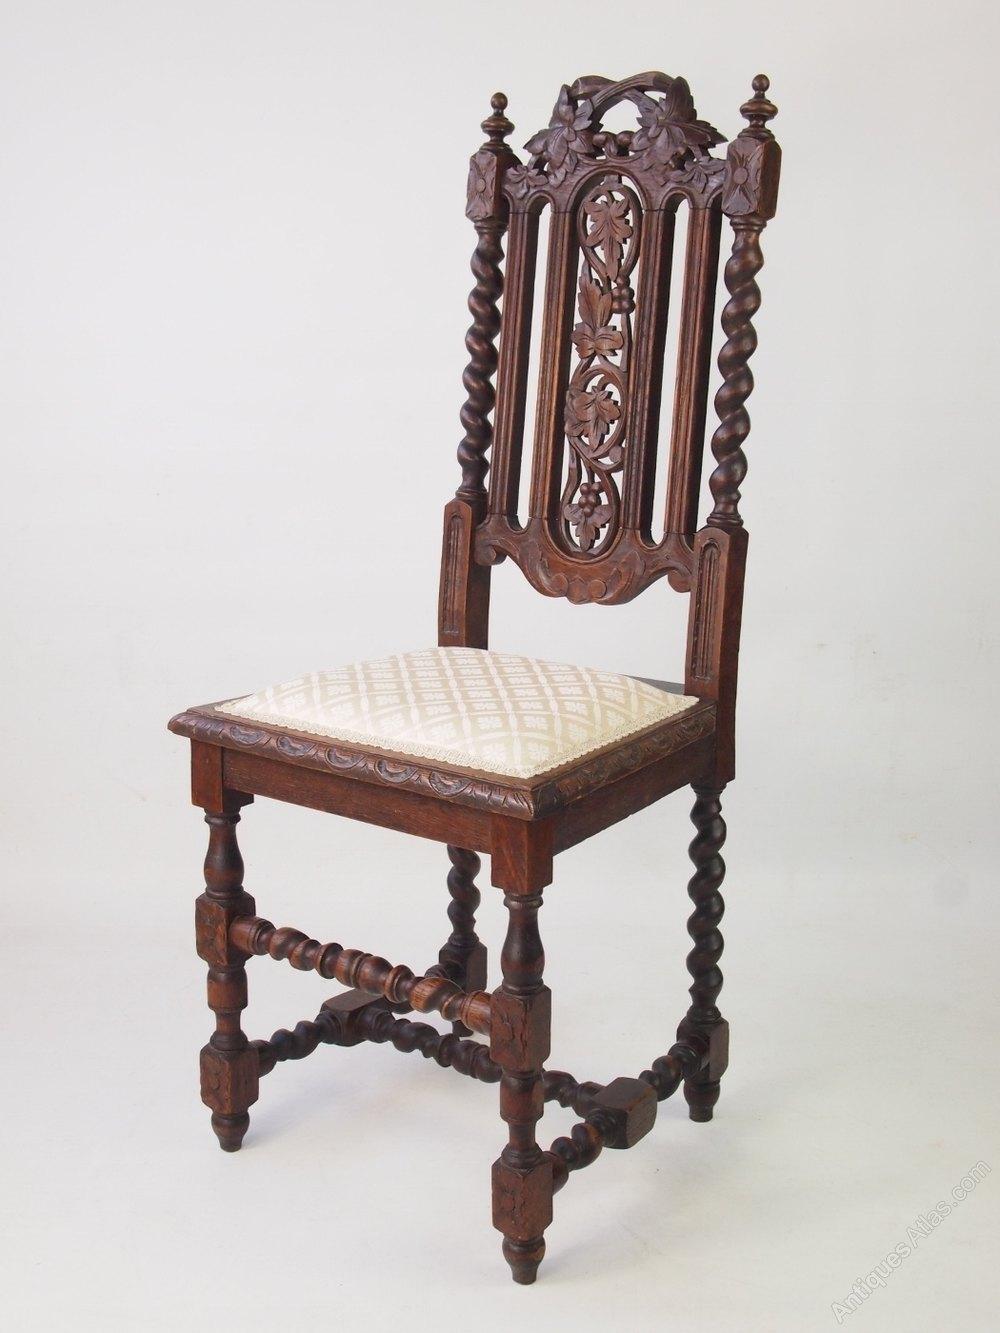 Antique Victorian Gothic Revival Oak Chair - Antiques Atlas